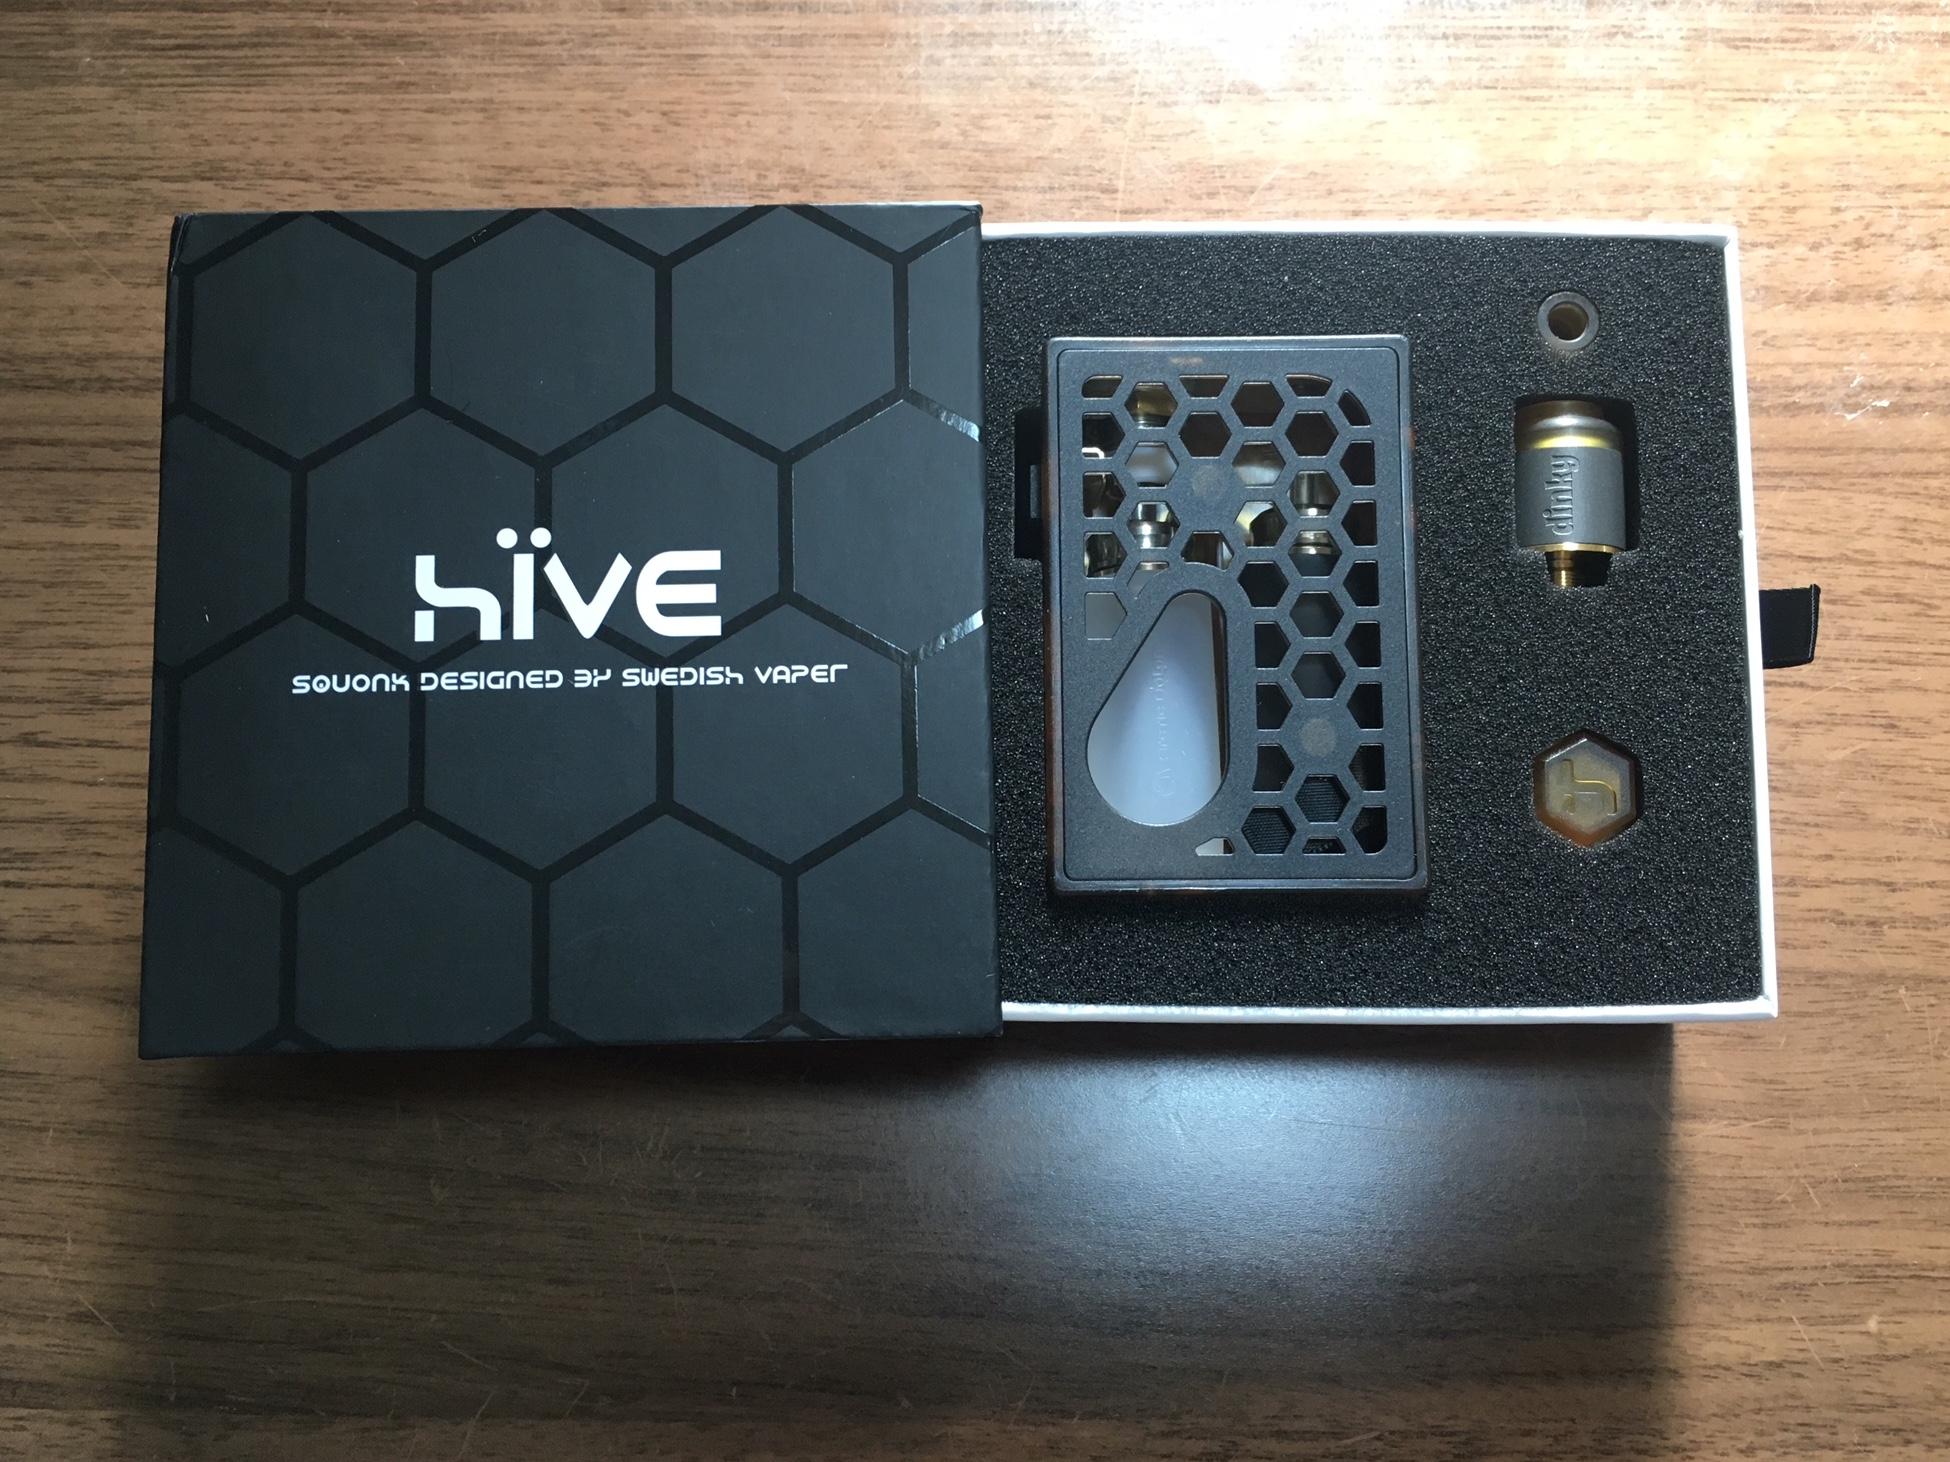 securedownload 12 - 【レビュー】「SWEDISH VAPER よりHIVE(Swedish Vaper Hive Squonk Kit with Dinky RDA)」初めてのメカスコは蜂のように可愛いヤツ【UKデザイン/BF/SQUONKER】